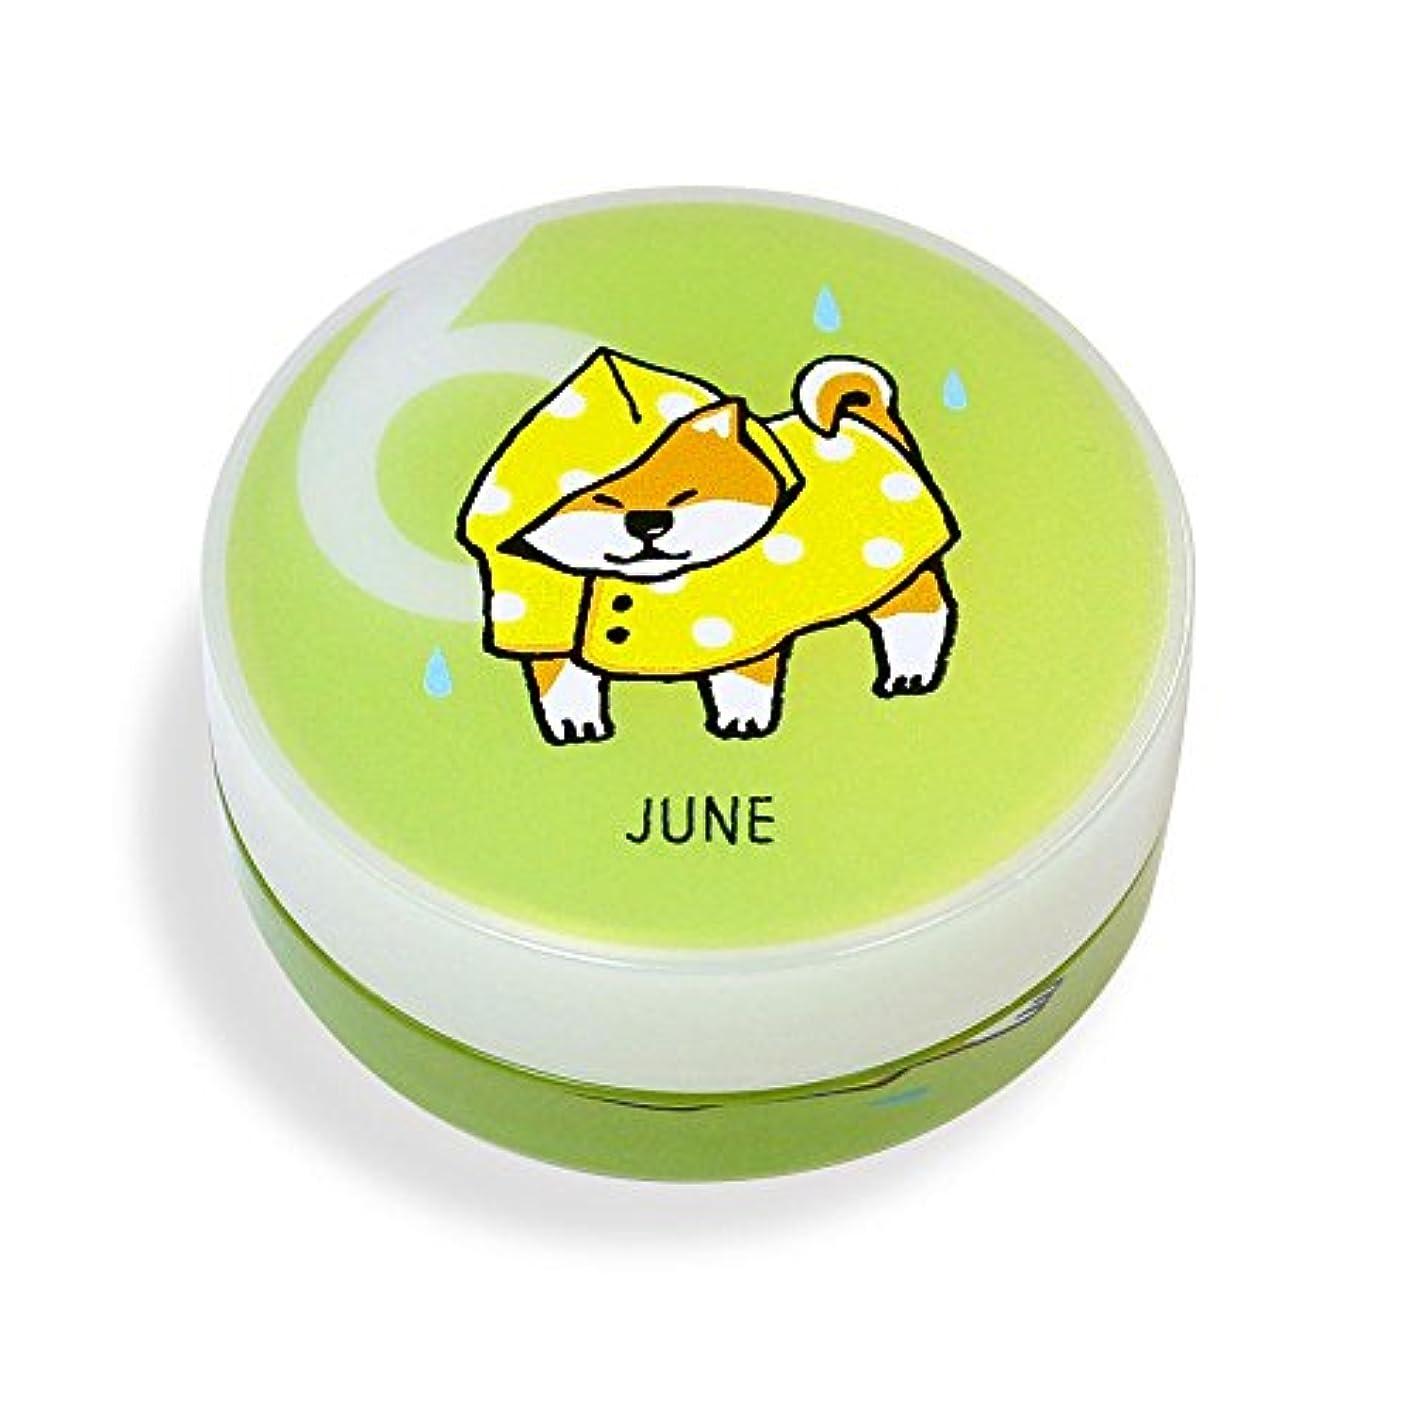 柔和サイドボード取り付けしばんばん フルプルクリーム 誕生月シリーズ 6月 20g